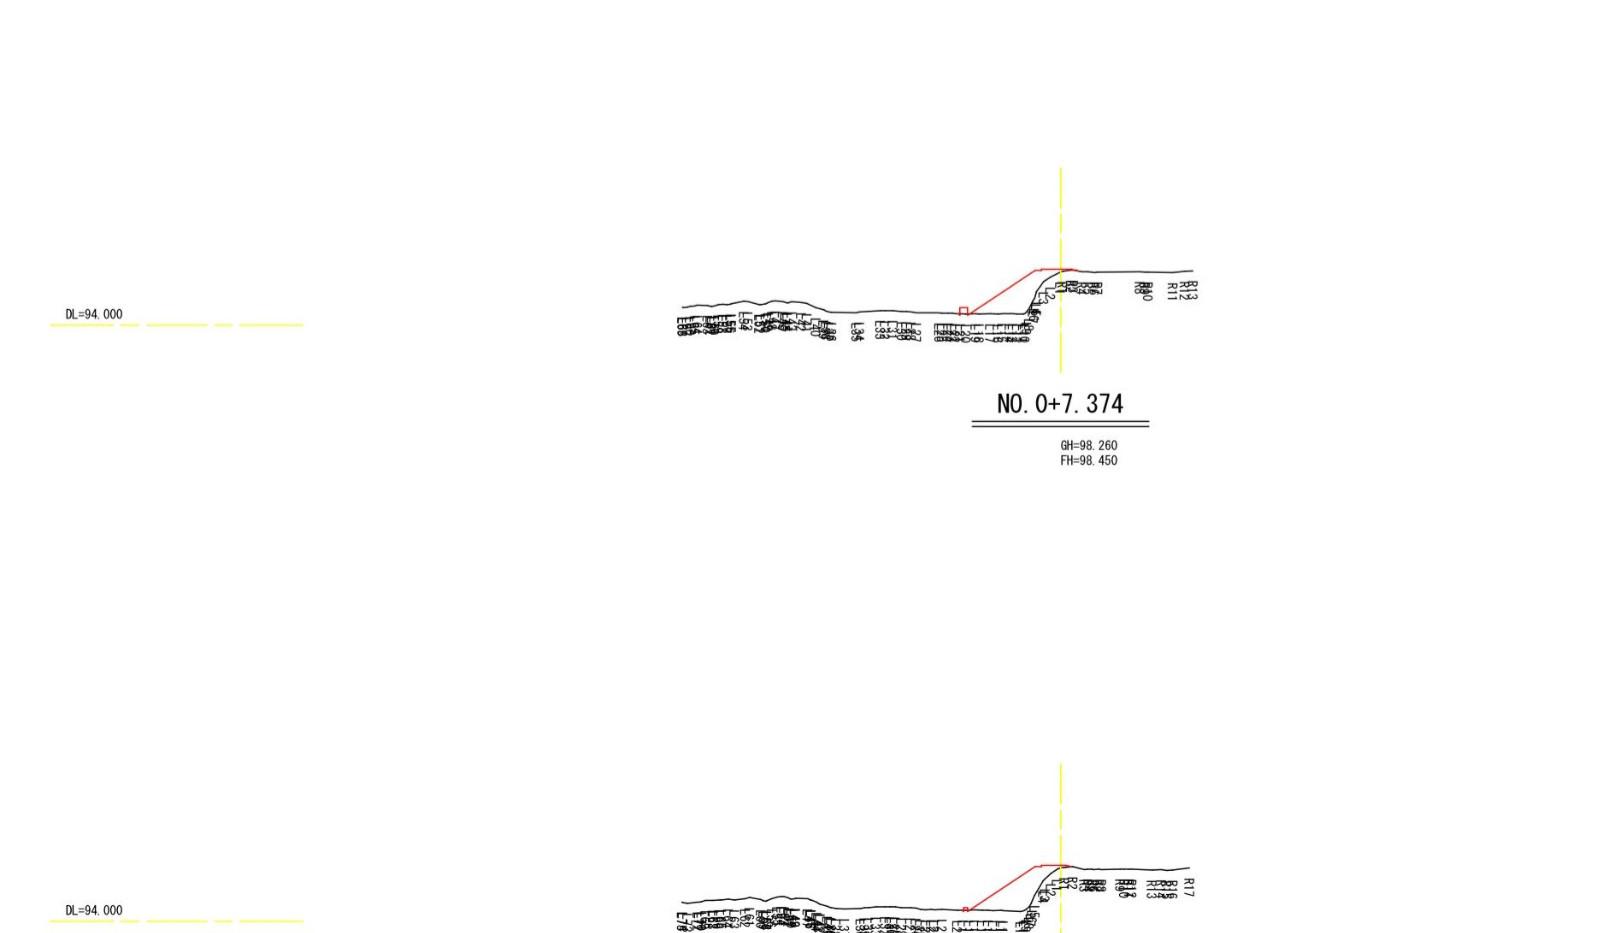 現況点群と設計_01_edited.jpg